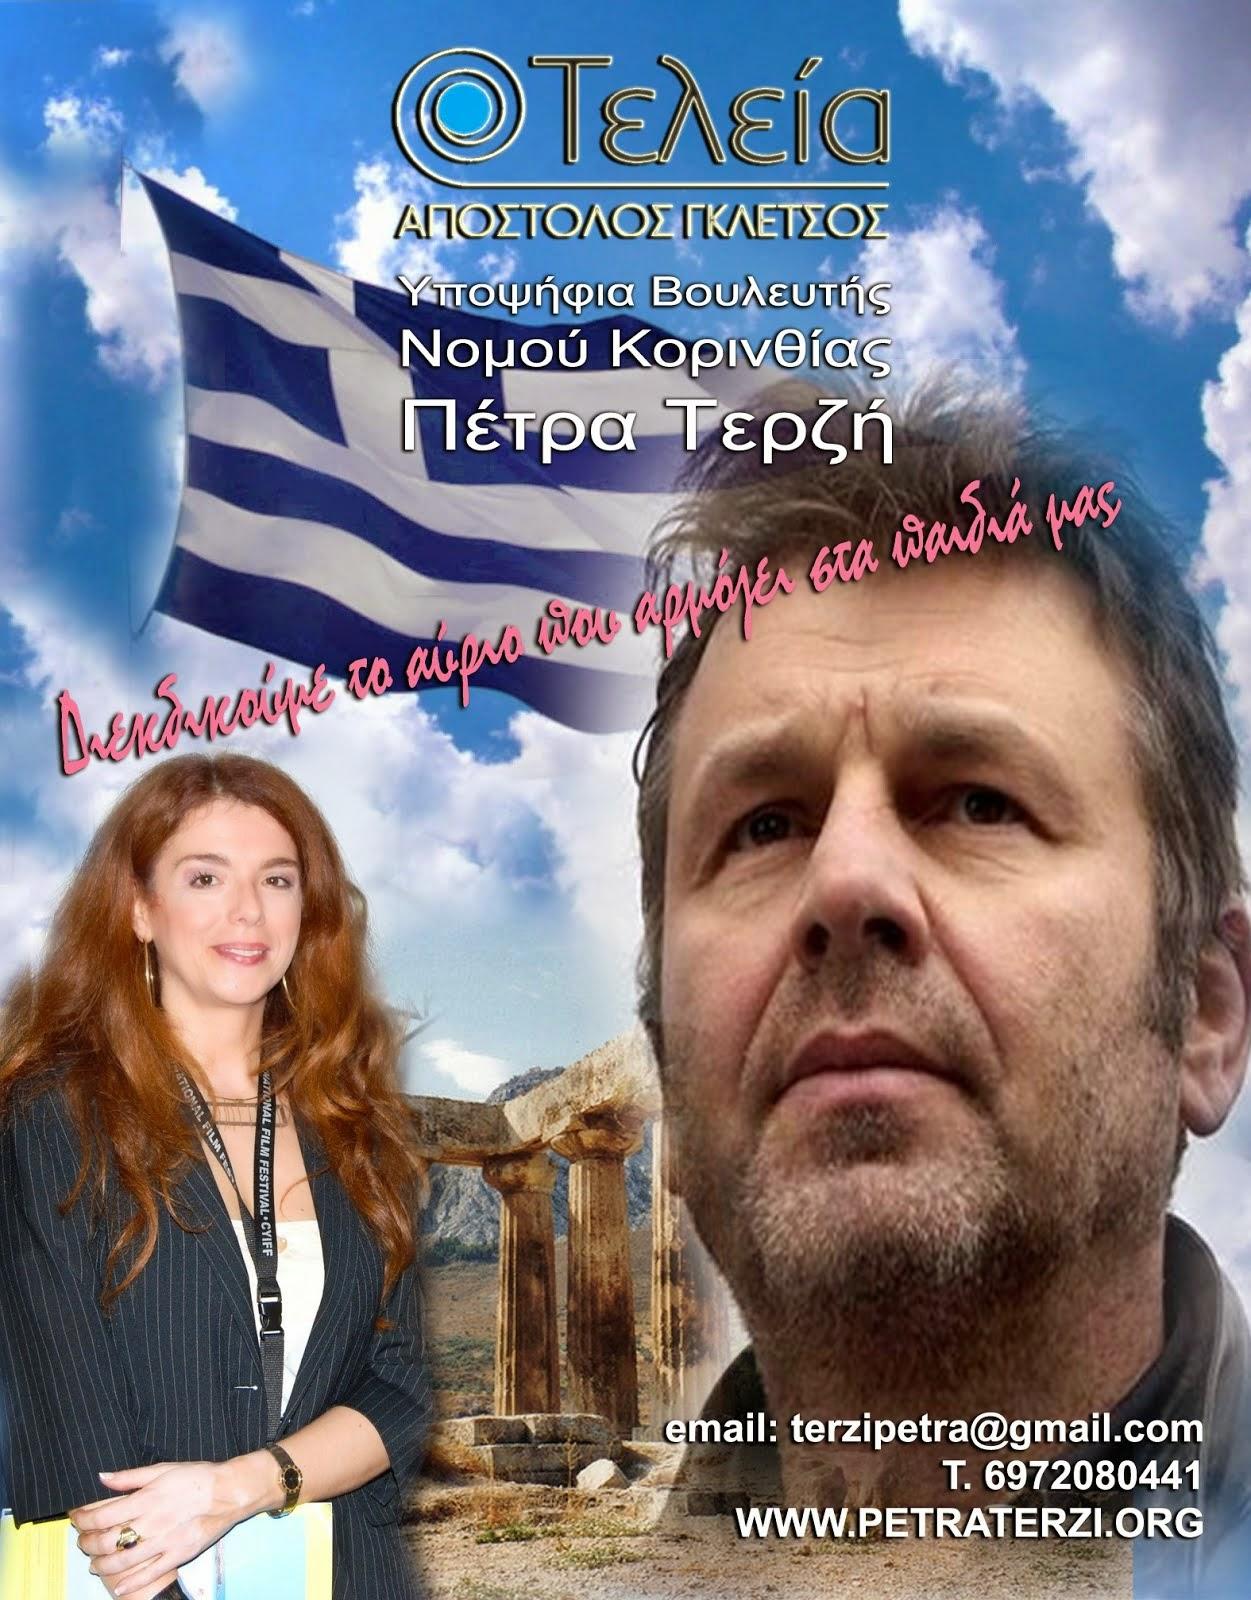 ΠΈΤΡΑ ΤΕΡΖΗ